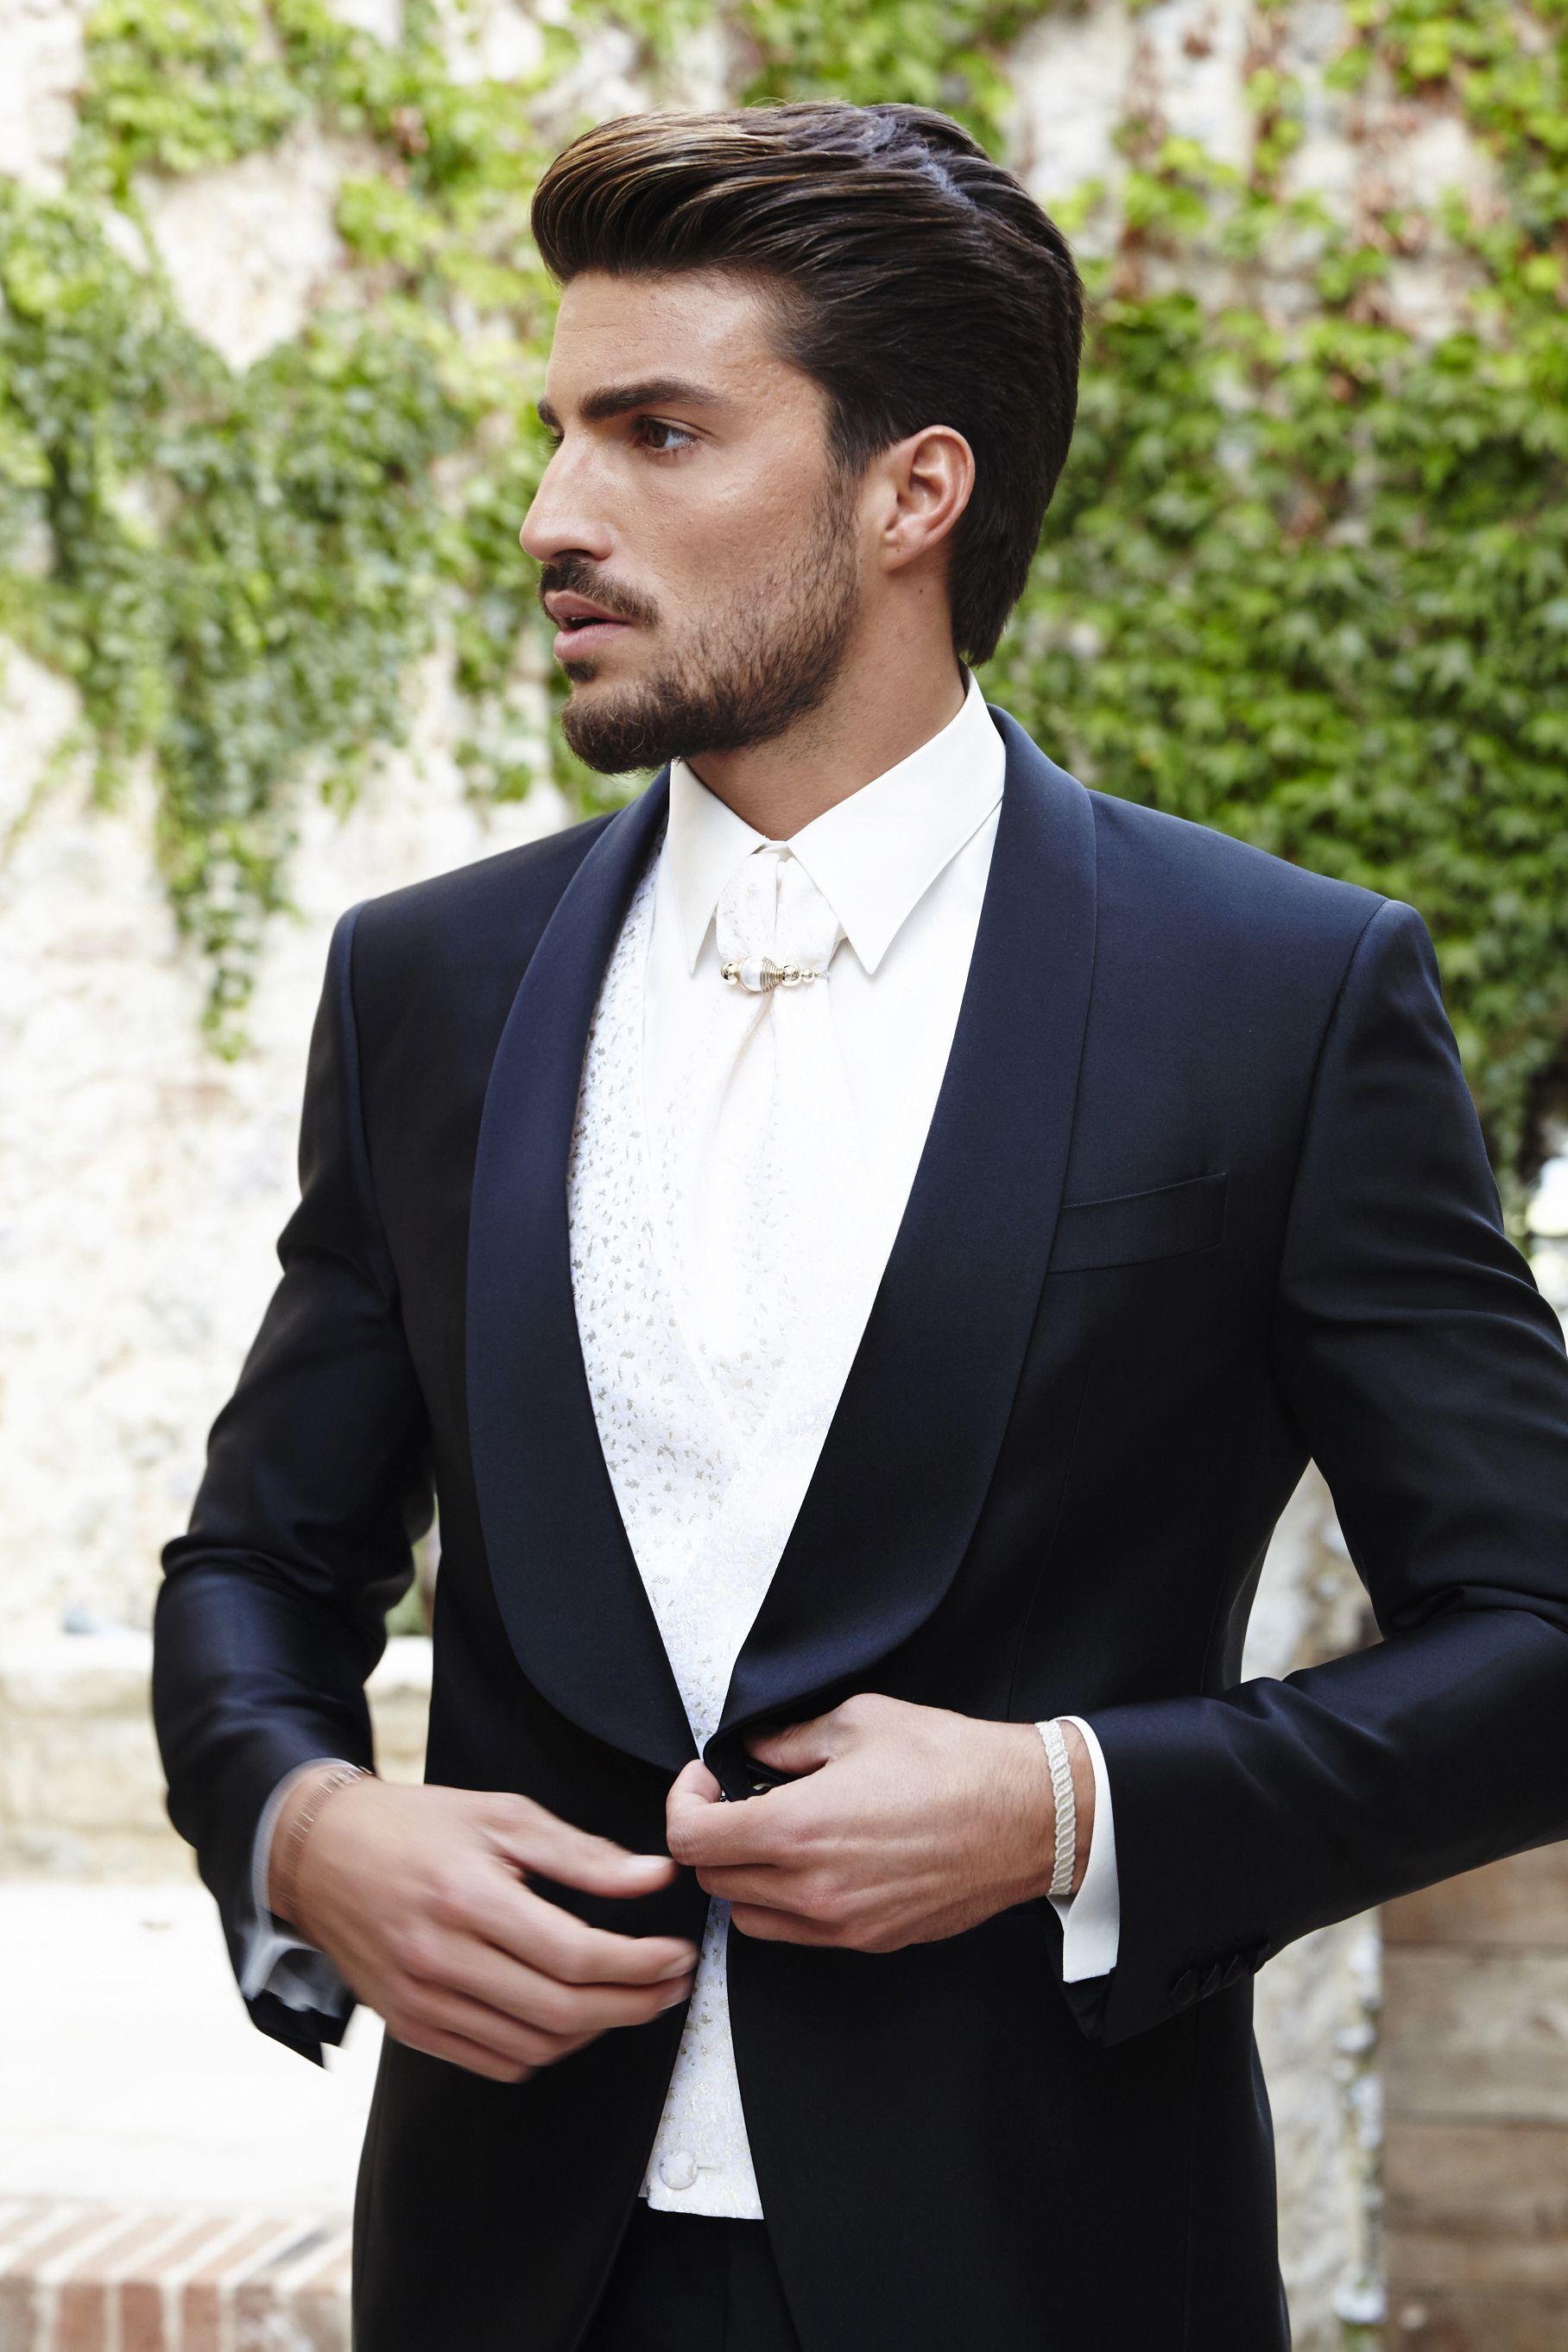 marianodivaio wearing carlo pignatelli for his wedding